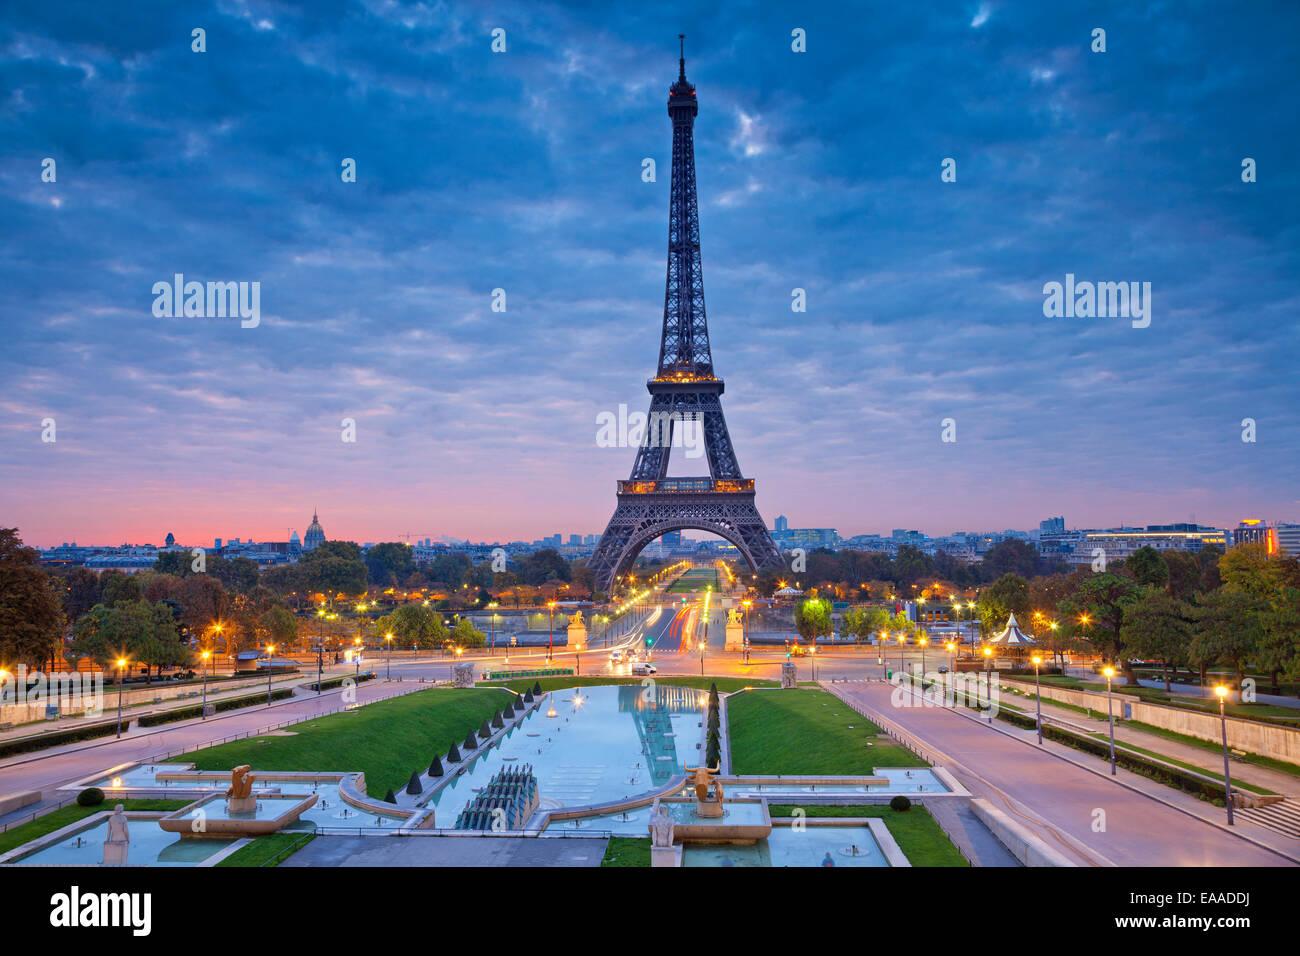 Bild von Paris bei Sonnenaufgang mit dem Eiffelturm. Stockbild